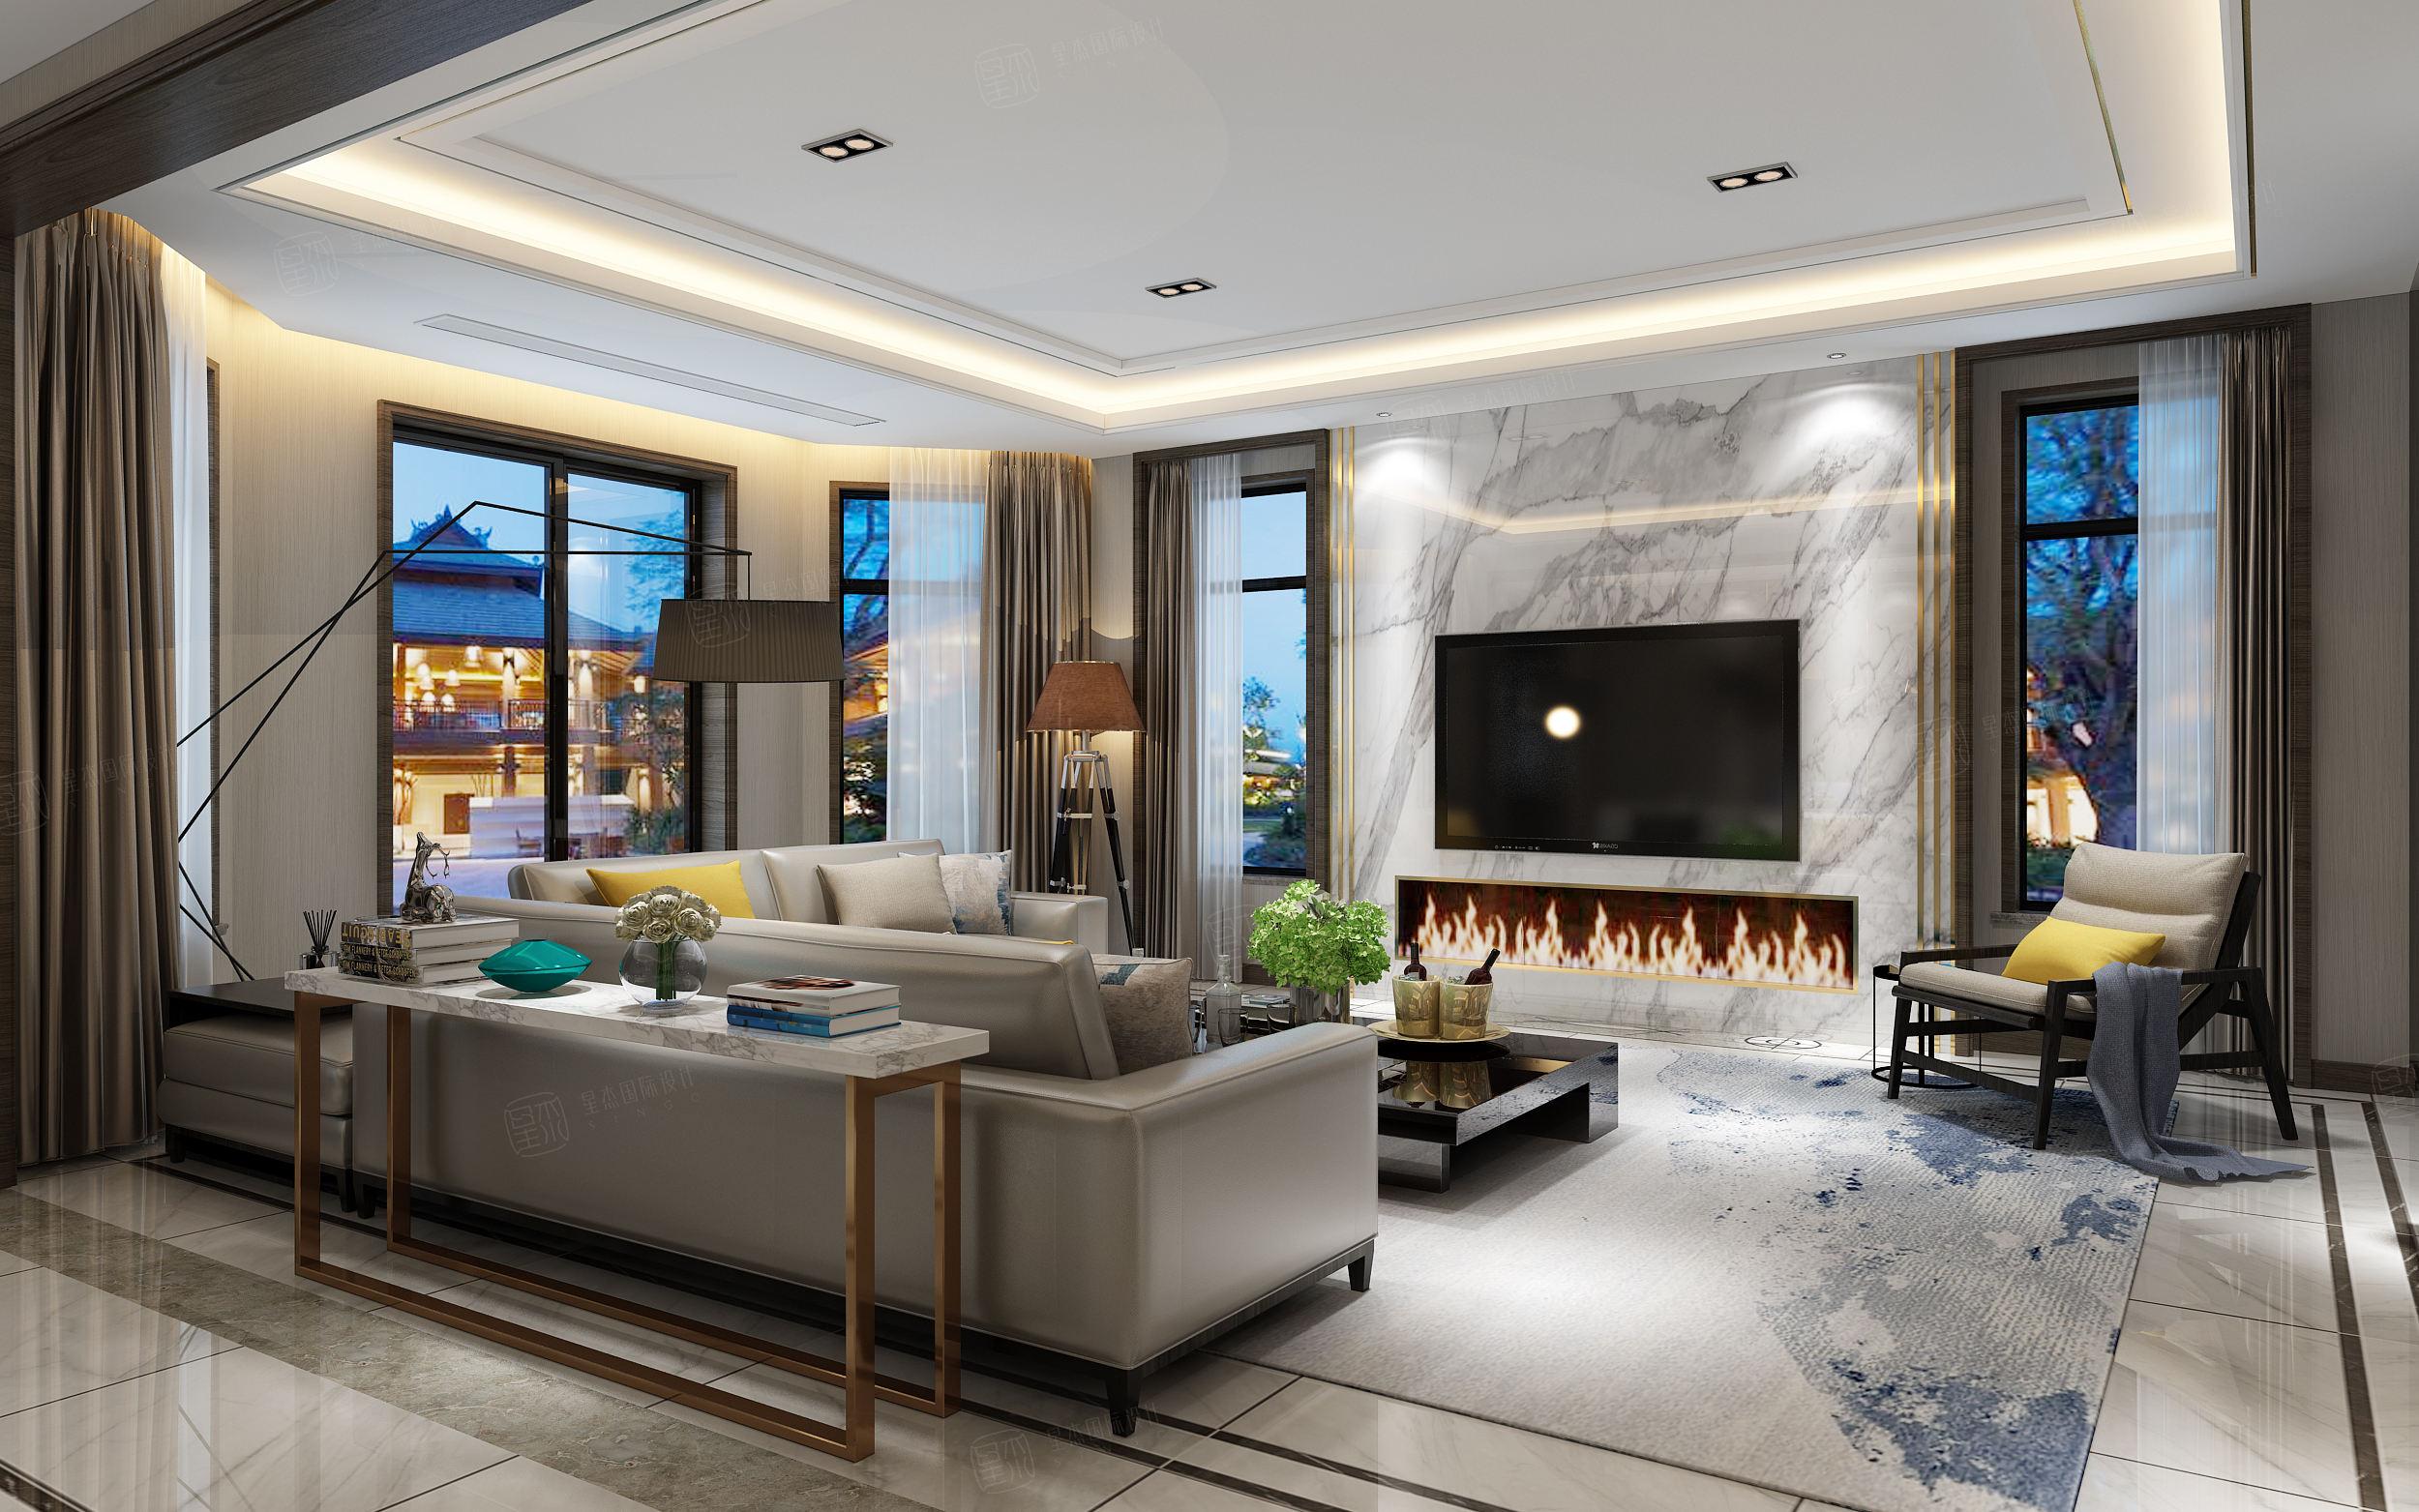 东海御庭 现代中式装修客厅效果图